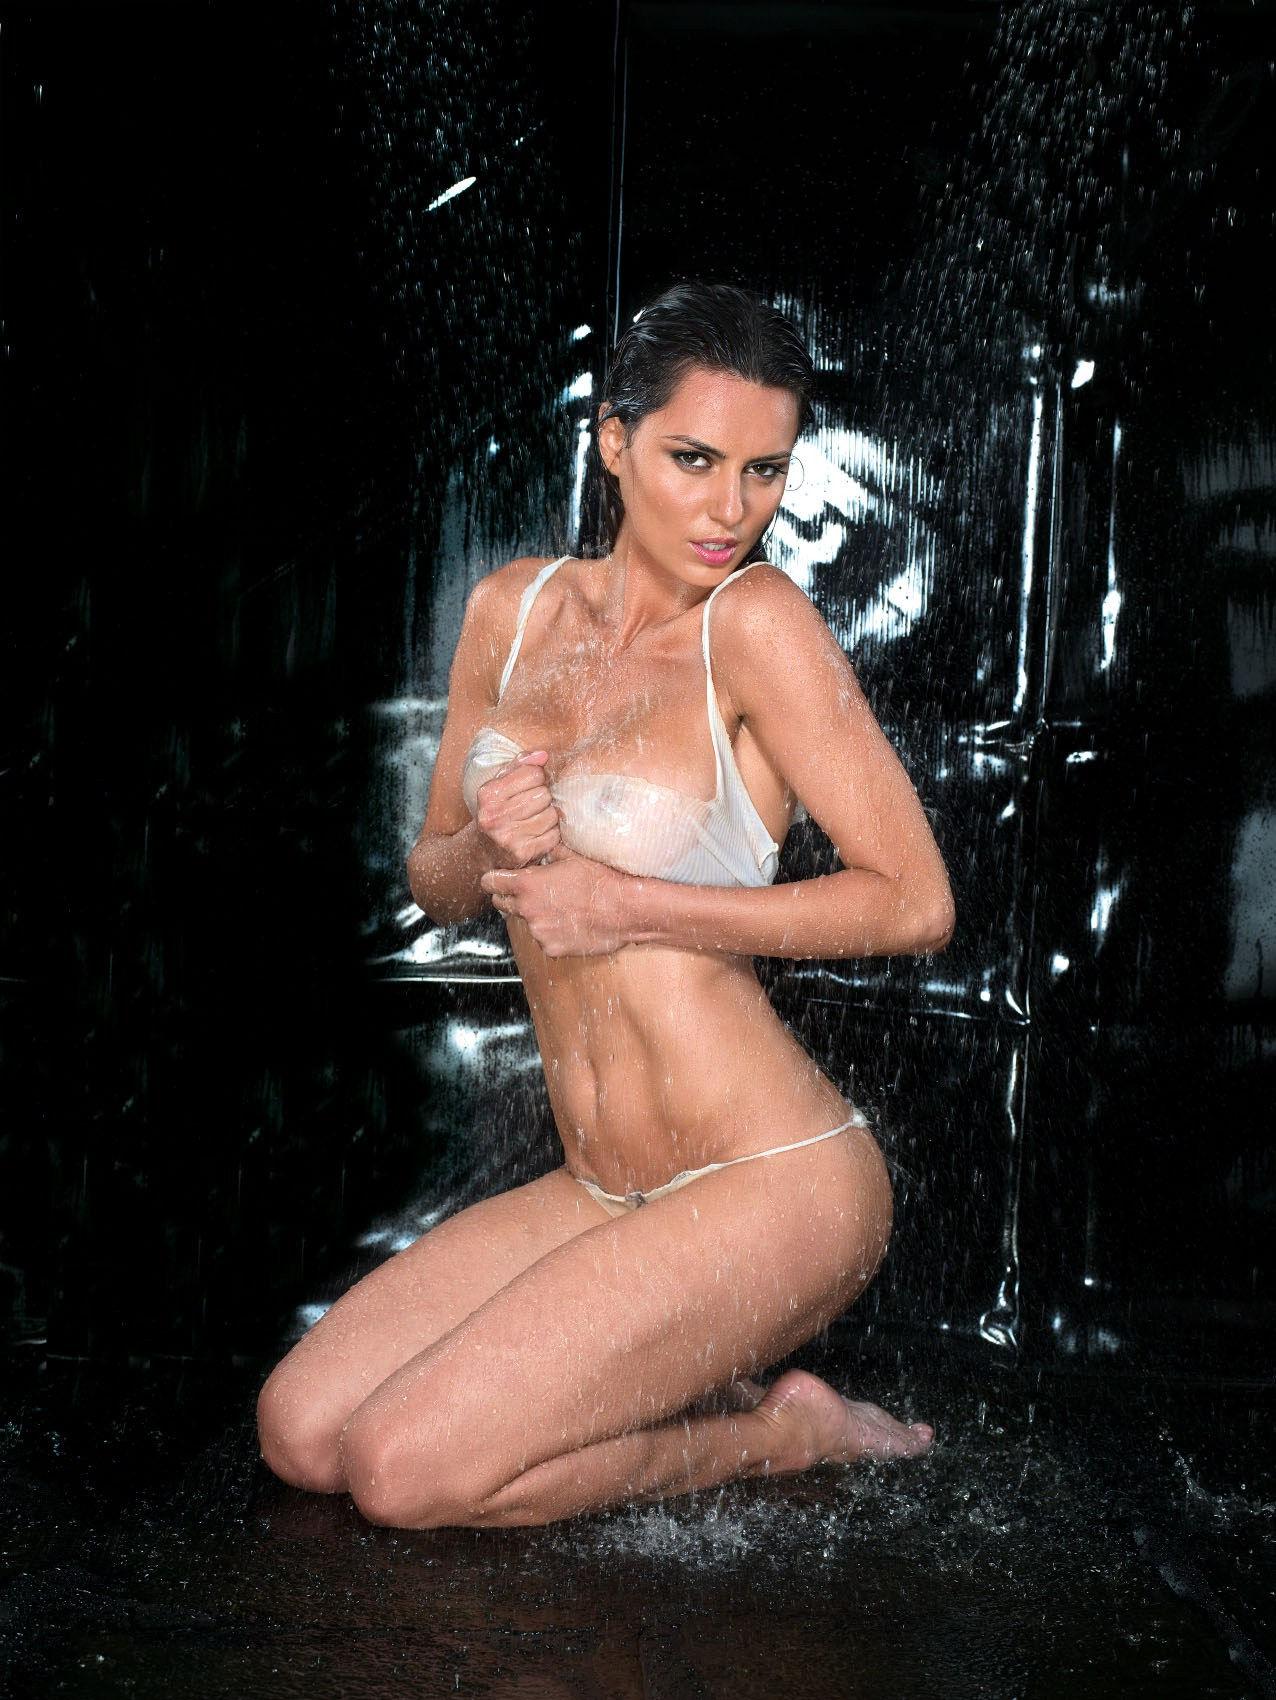 catrinel menghia naked